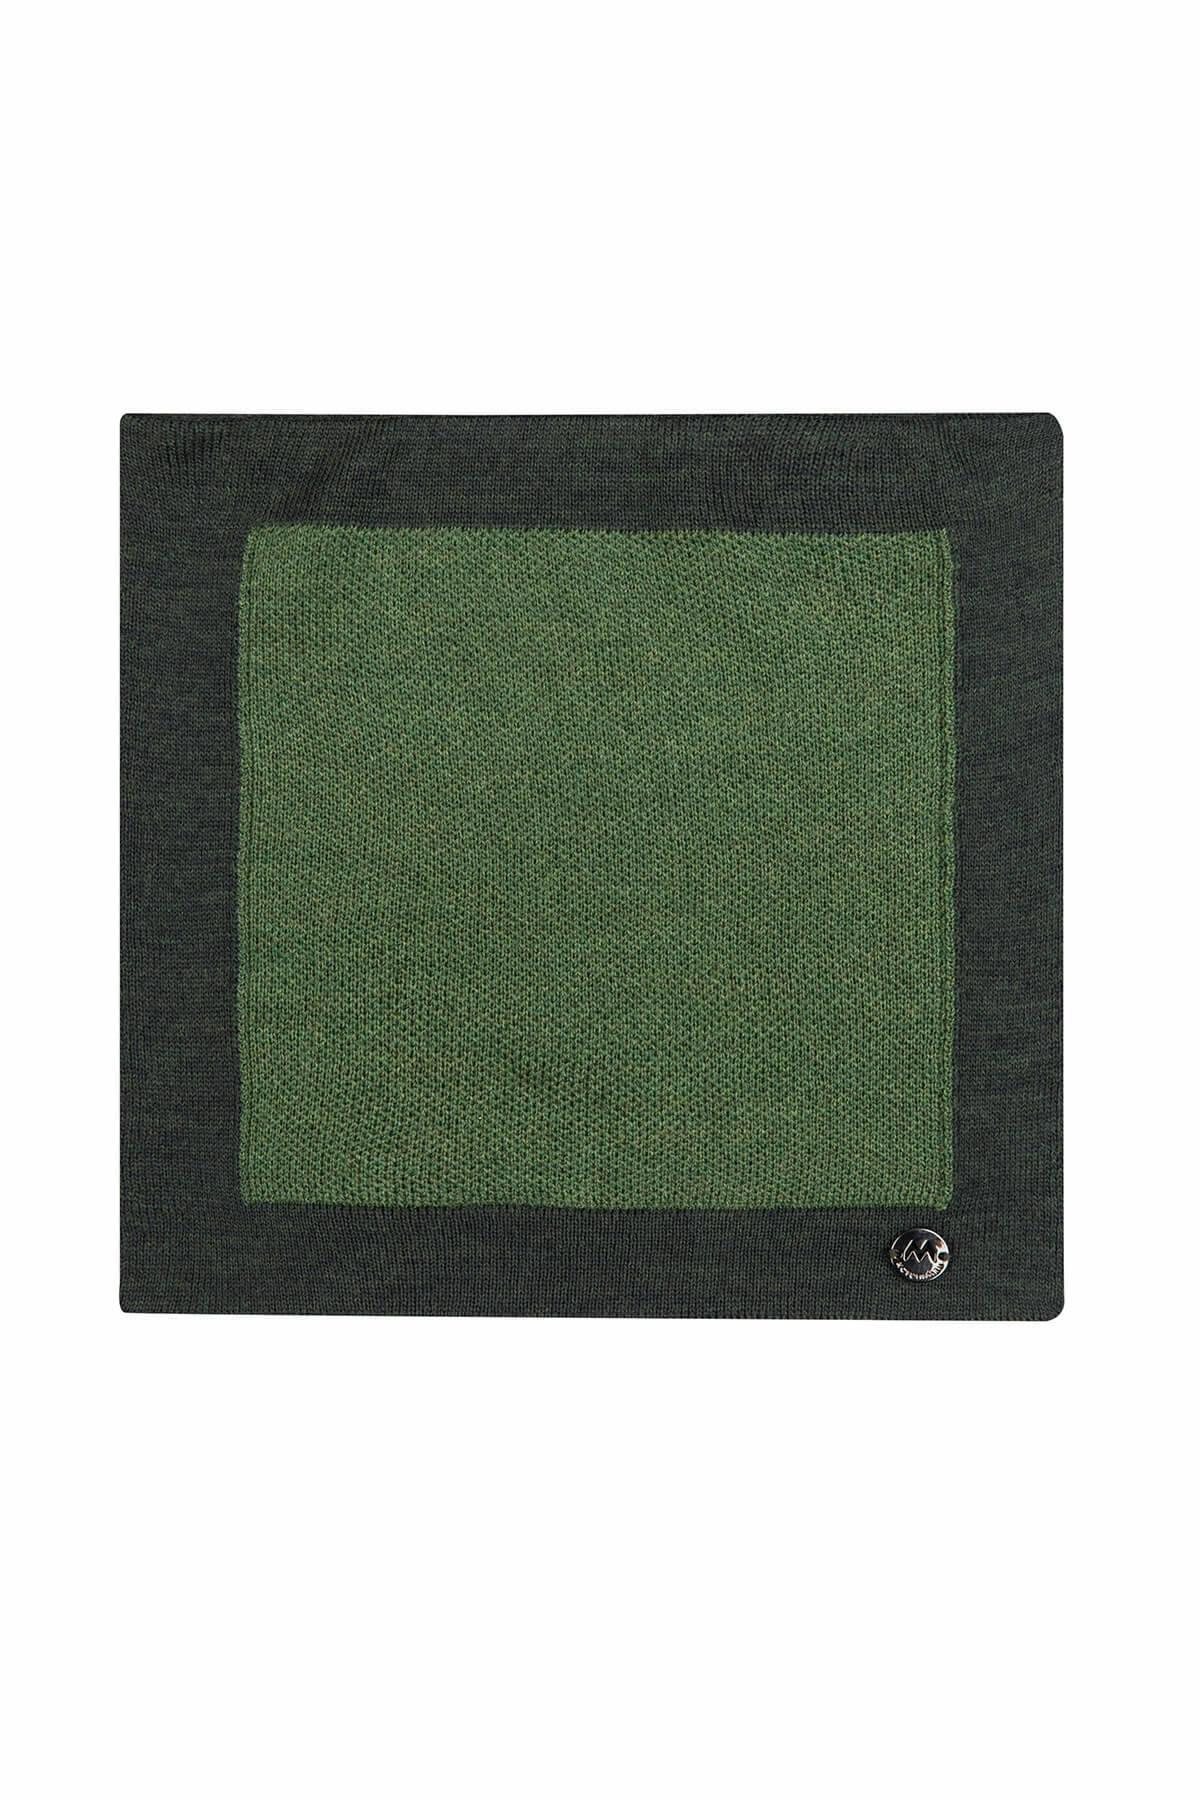 Yeşil Örgü Ceket Mendili